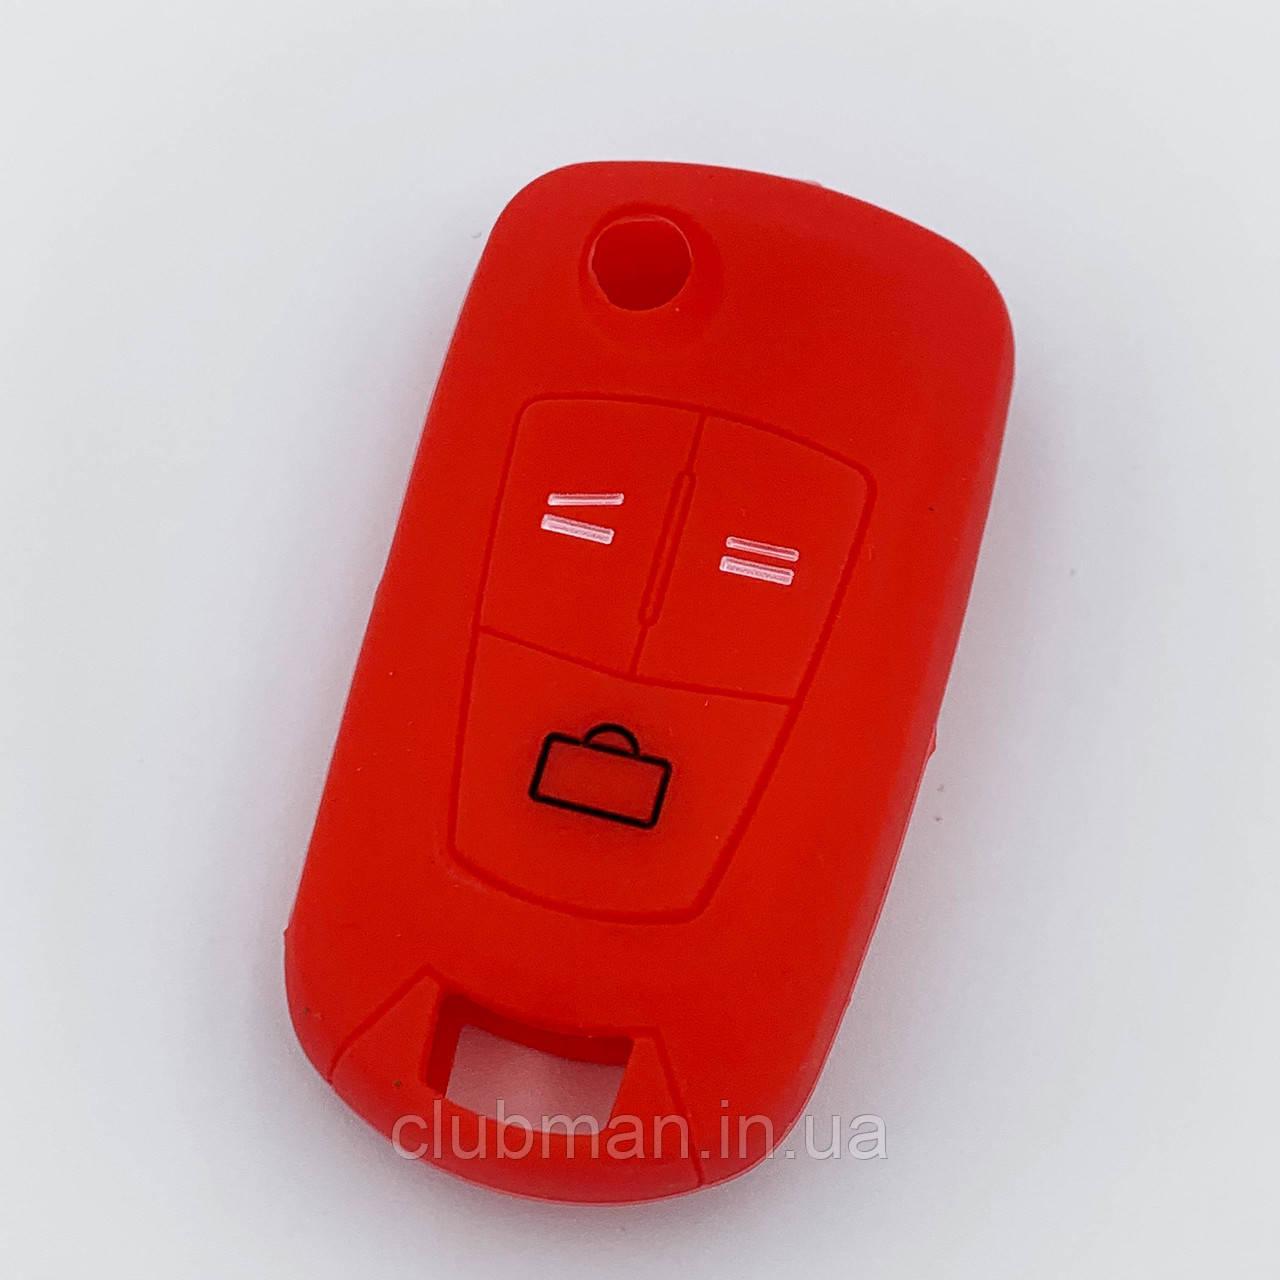 Силиконовый чехол для ключа Opel Astra H Corsa D Vectra C Zafira красный